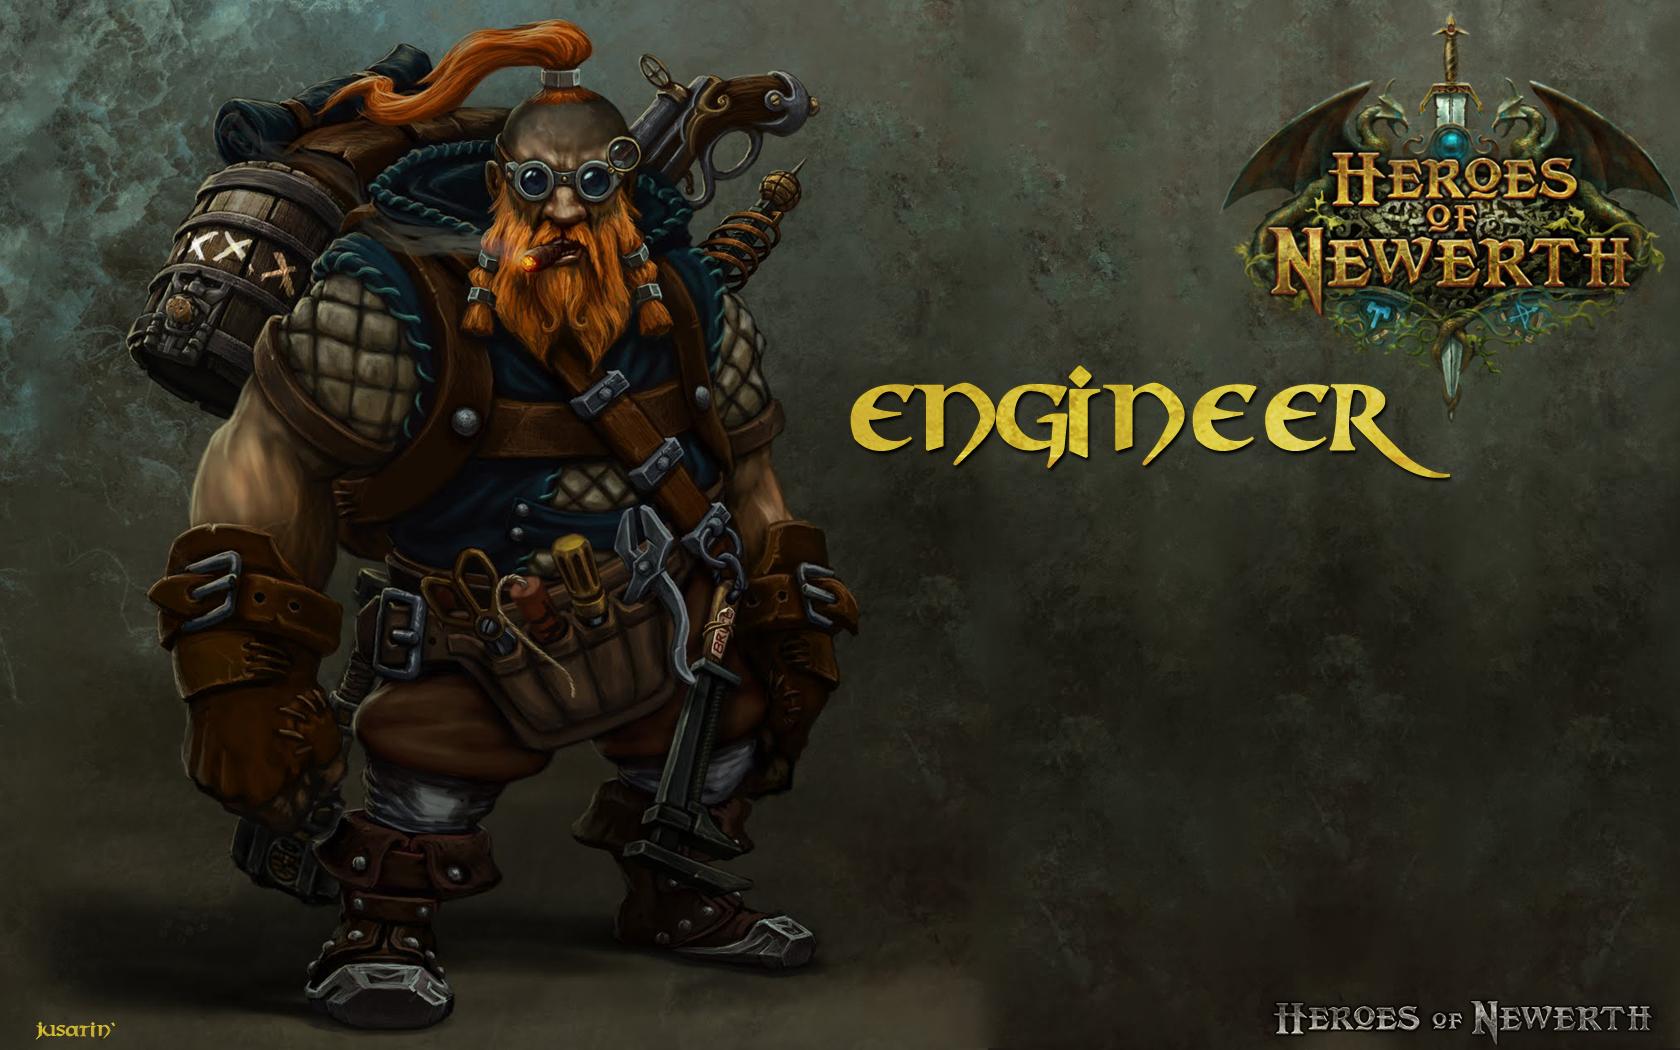 Imagenes de Heroes of Newerth: